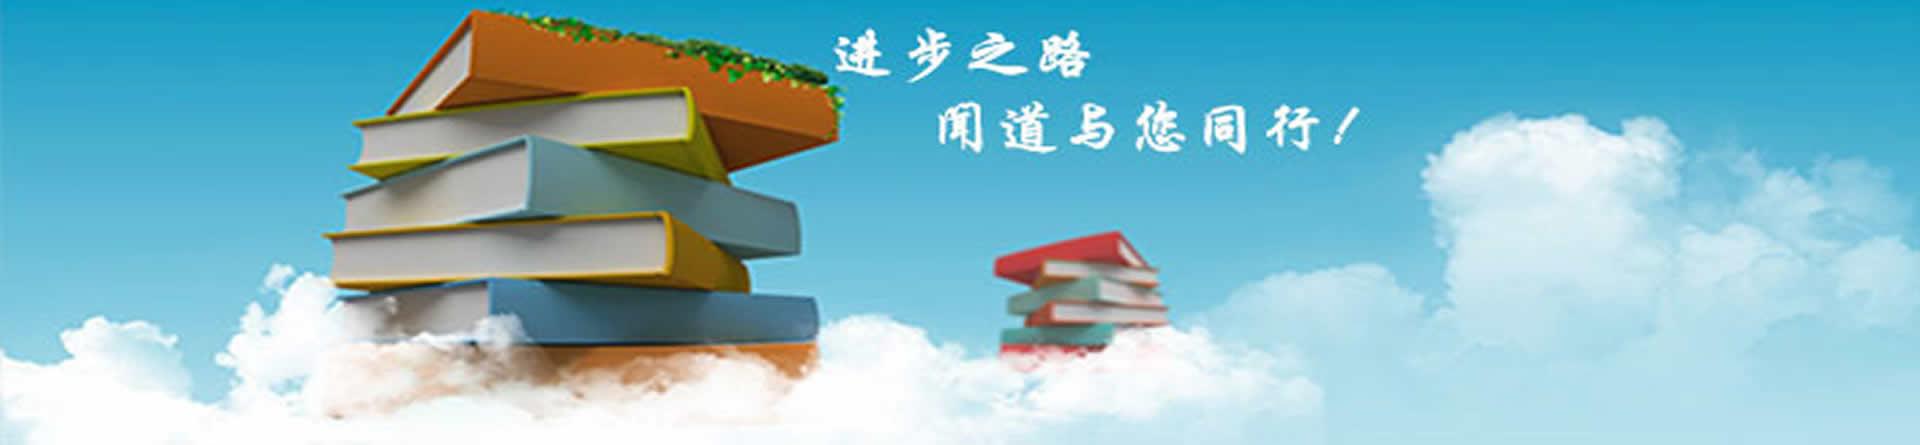 郑州闻道教育